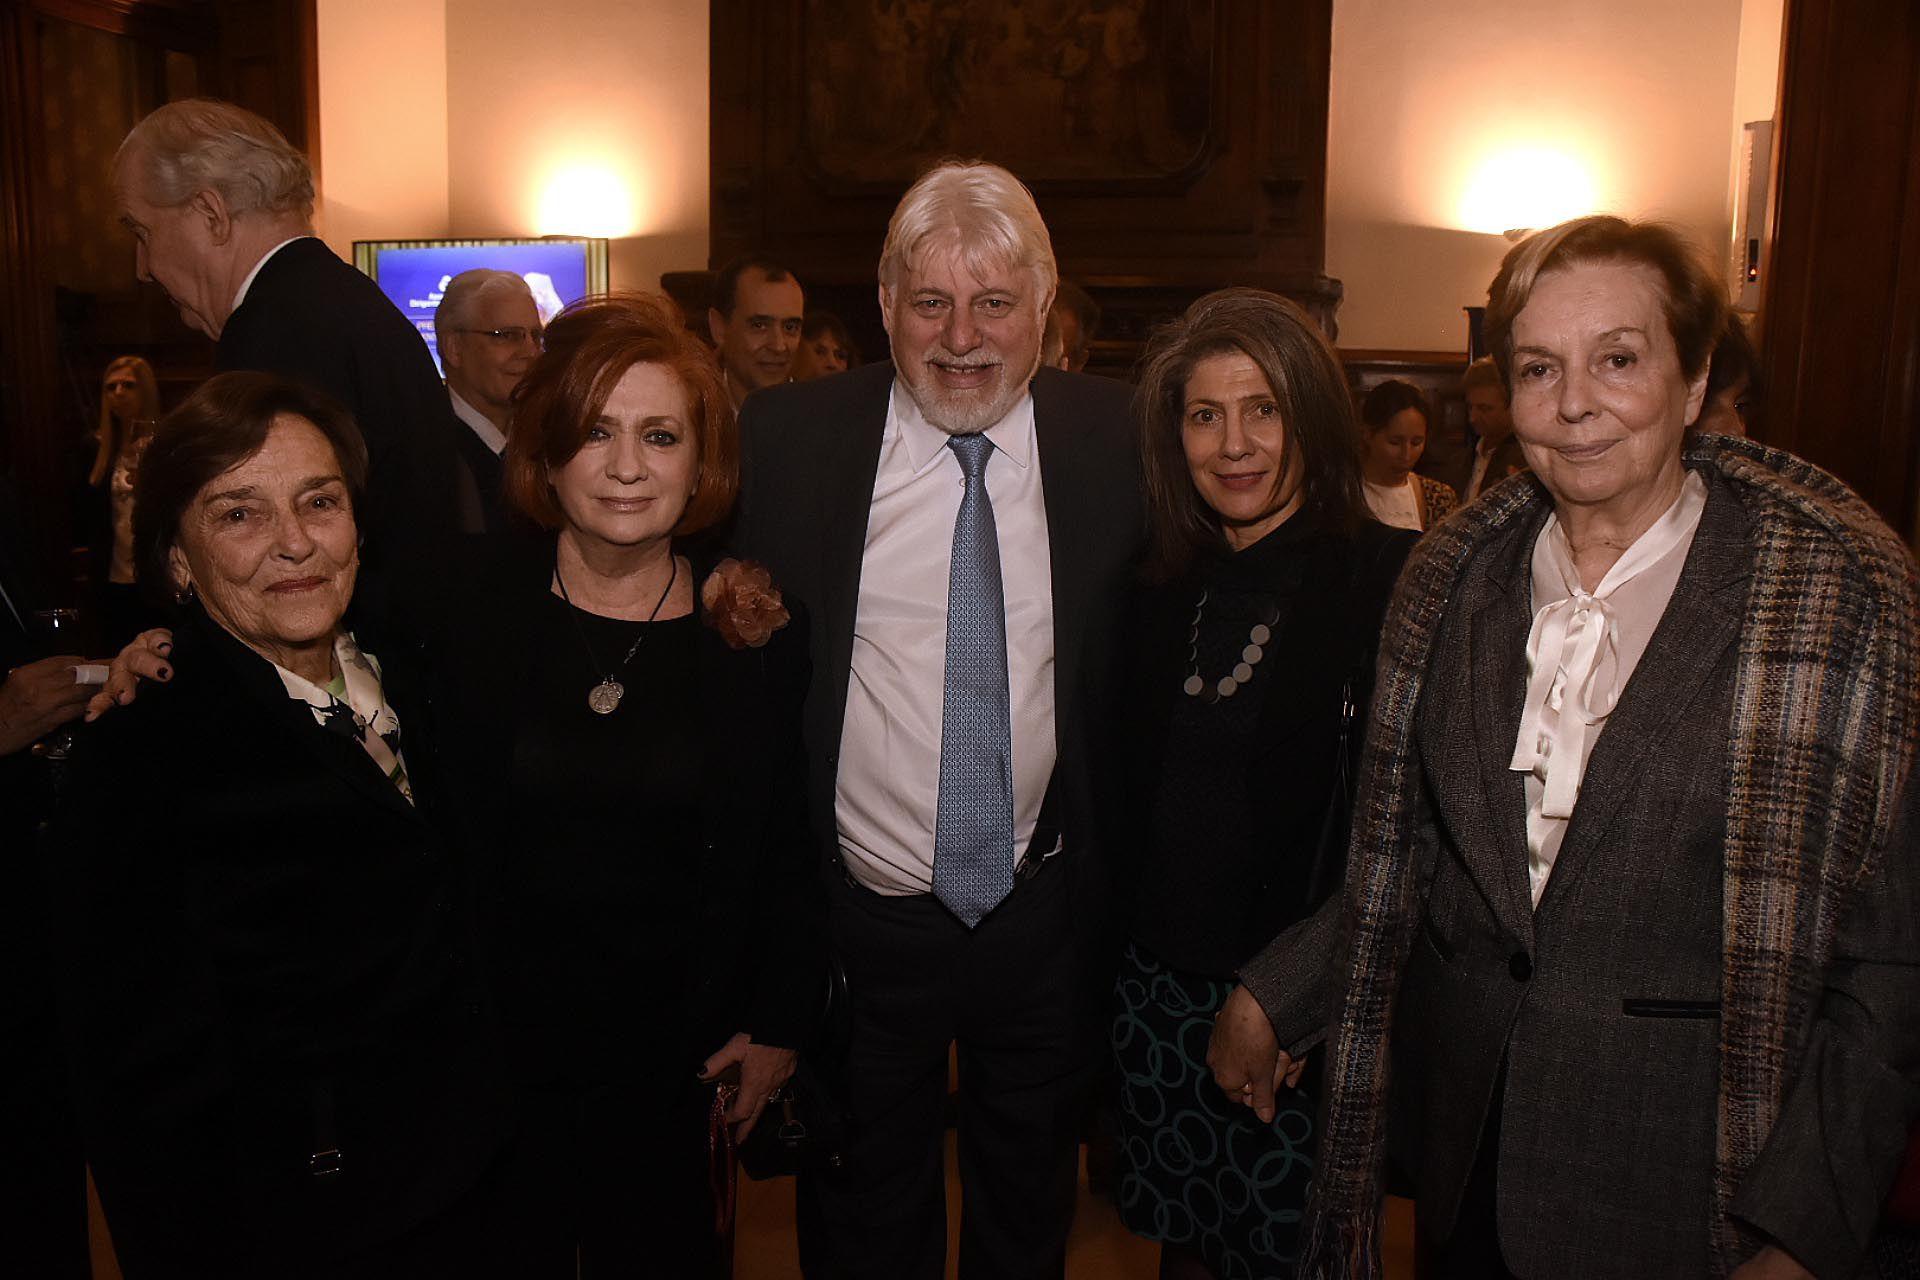 Teresa González Fernández, Adrián Werthein, Martine Delogne y Julita Maristany